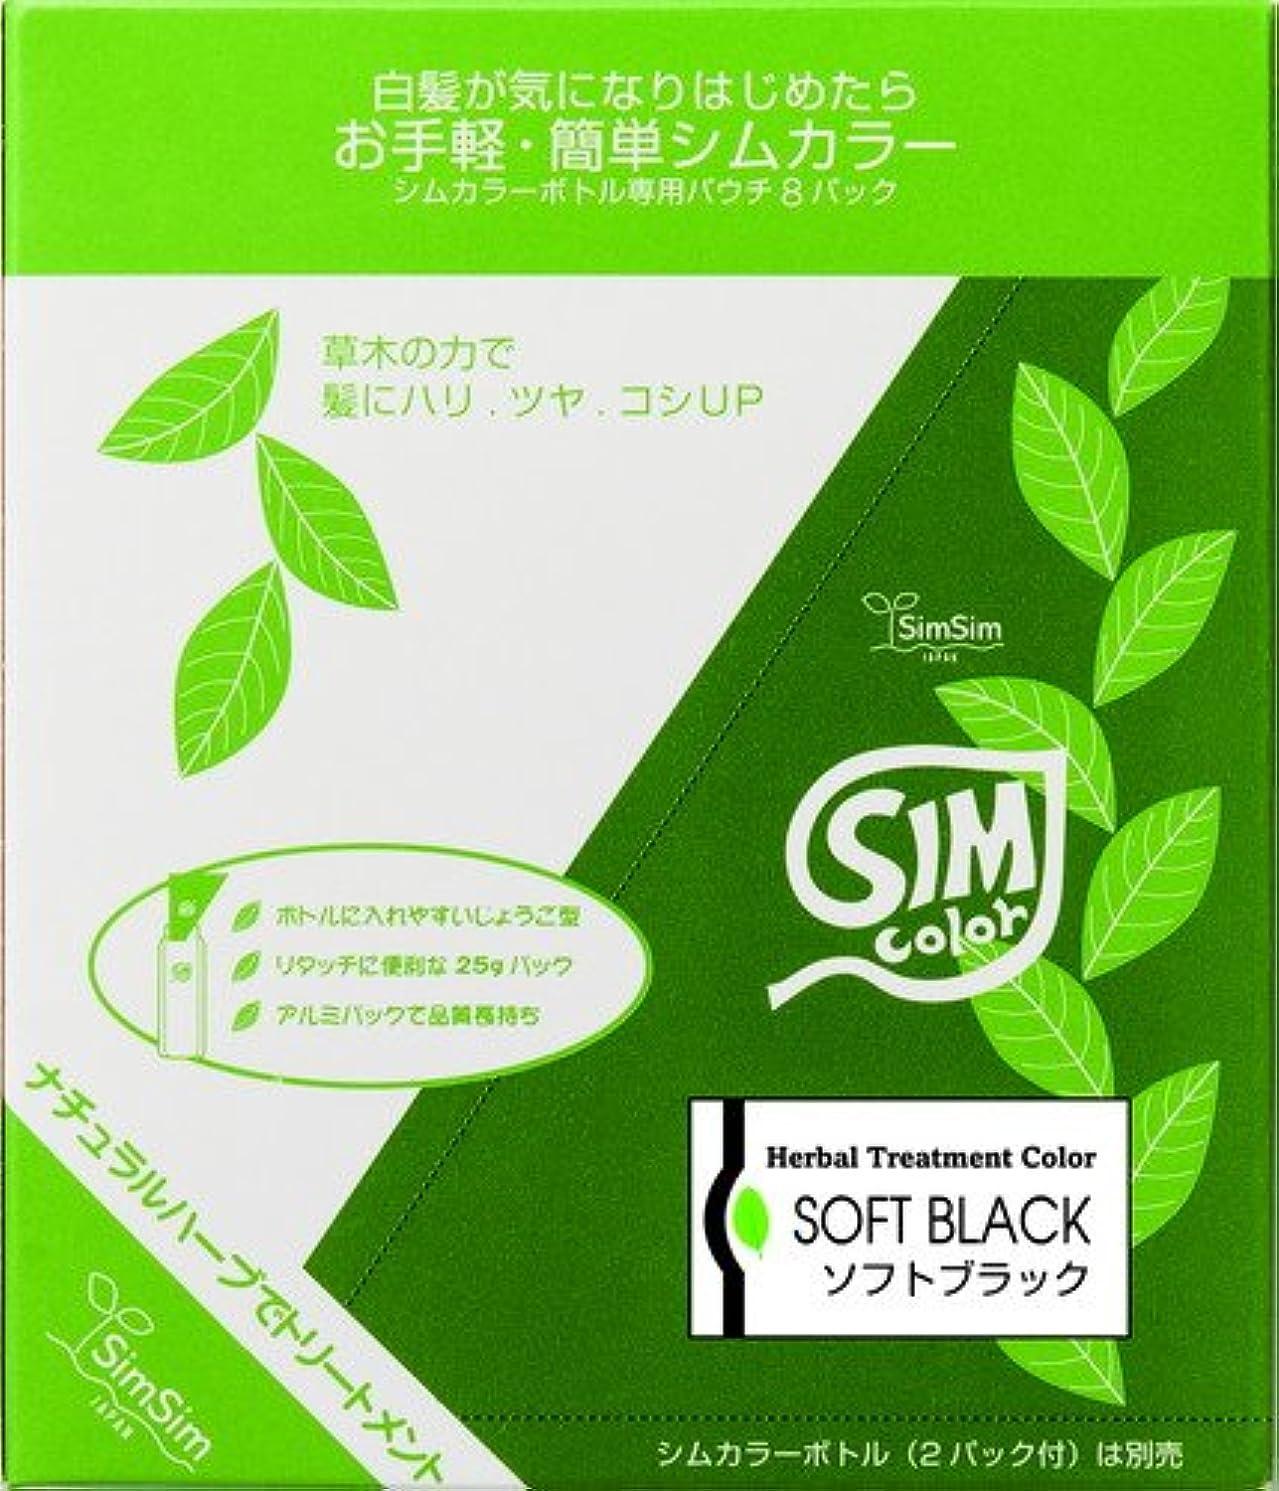 流す致命的なオッズSimSim(シムシム)お手軽簡単シムカラーエクストラ(EX)25g 8袋 ソフトブラック